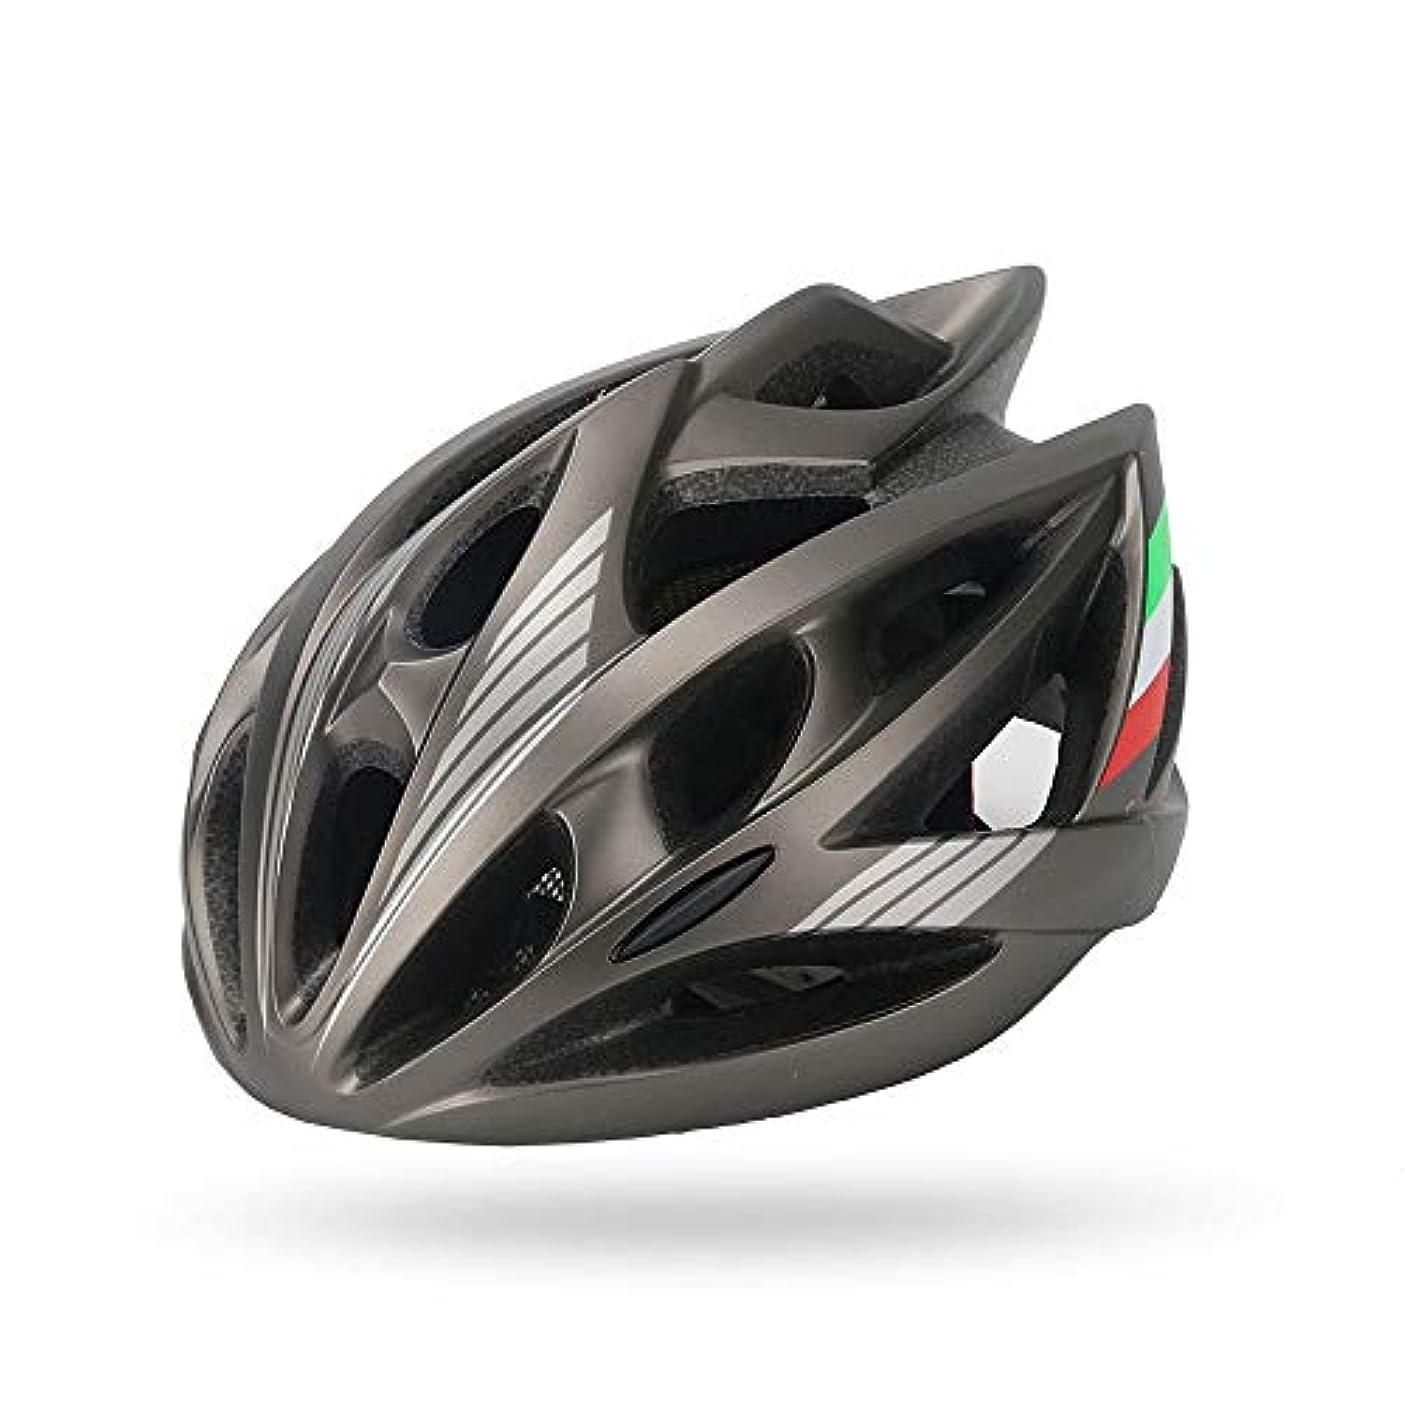 複製個人オーバーコートTOMSSL高品質 自転車乗馬用ヘルメット男性と女性スケートヘルメットワンピースアウトドアスポーツ用ヘルメット換気用ヘルメット TOMSSL高品質 (色 : Gray)